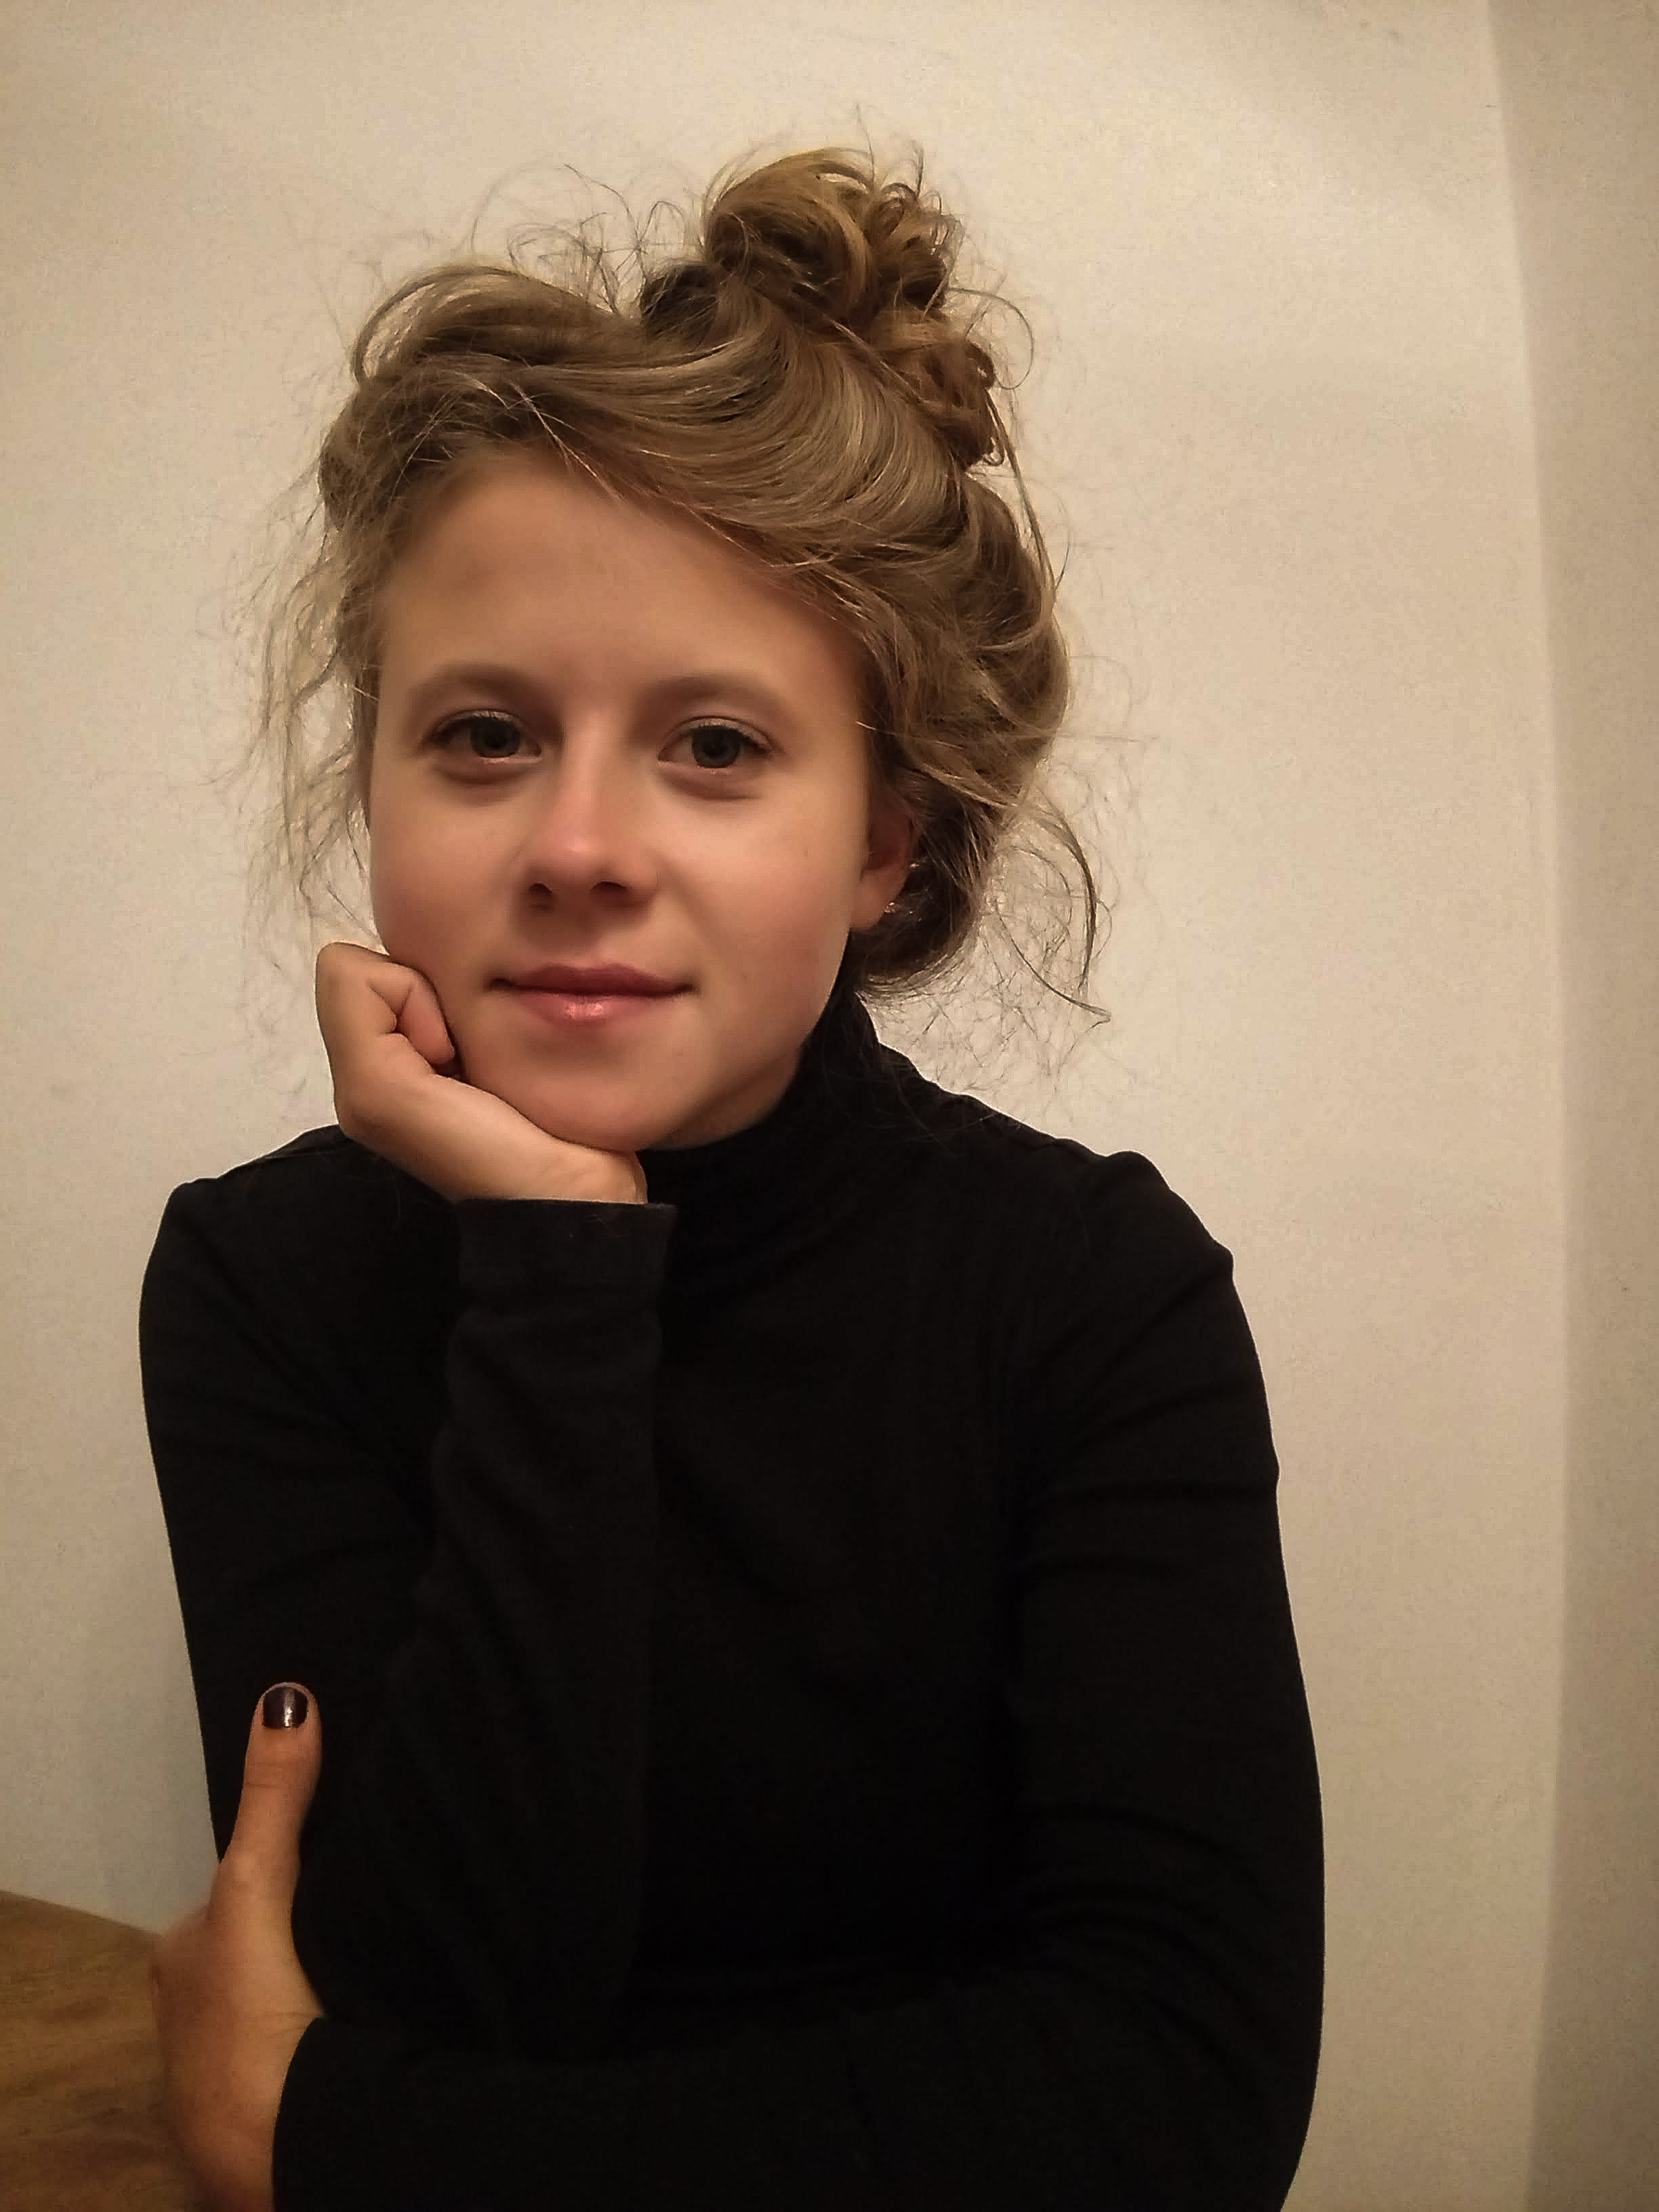 Aleksandra Maciejczyk